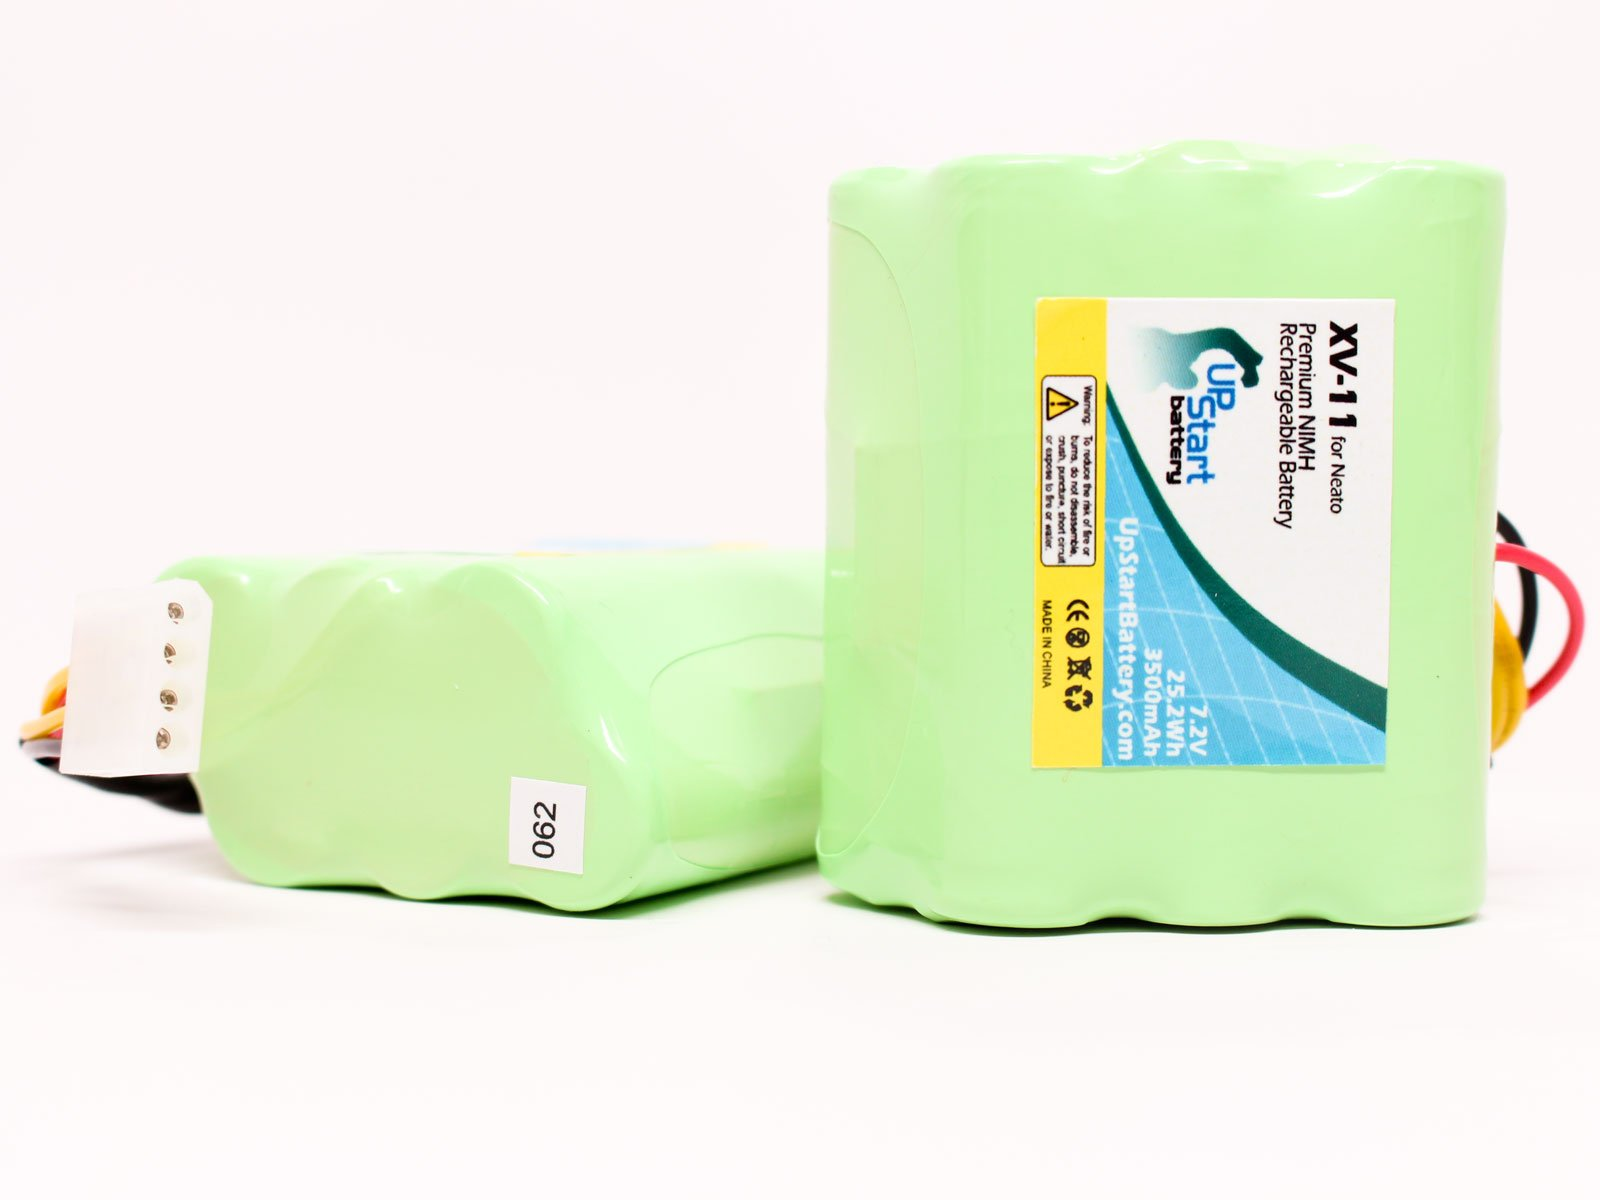 2x Pack - Neato XV-14 Battery - Replacement for Neato Robotic Vacuum Cleaner Battery - Compatible w/Neato XV-11, XV-12, 945-004, XV-15, XV-21, XV-25, 945-0048, XV Signature Pro (3500mAh, 7.2V, NI-MH)